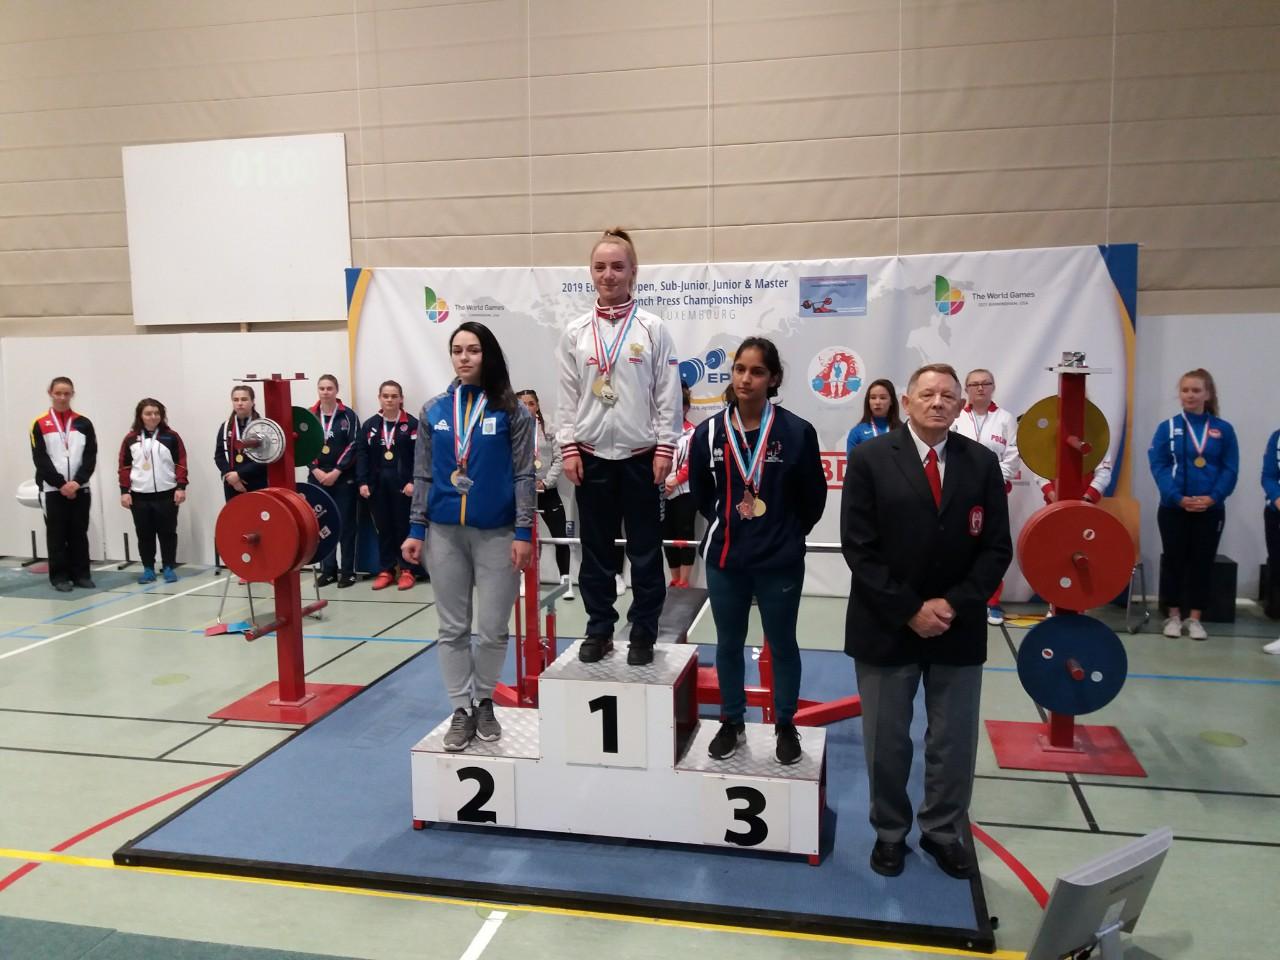 чемпіонат Європи з класичного жиму лежачи, Люксембург. Фото